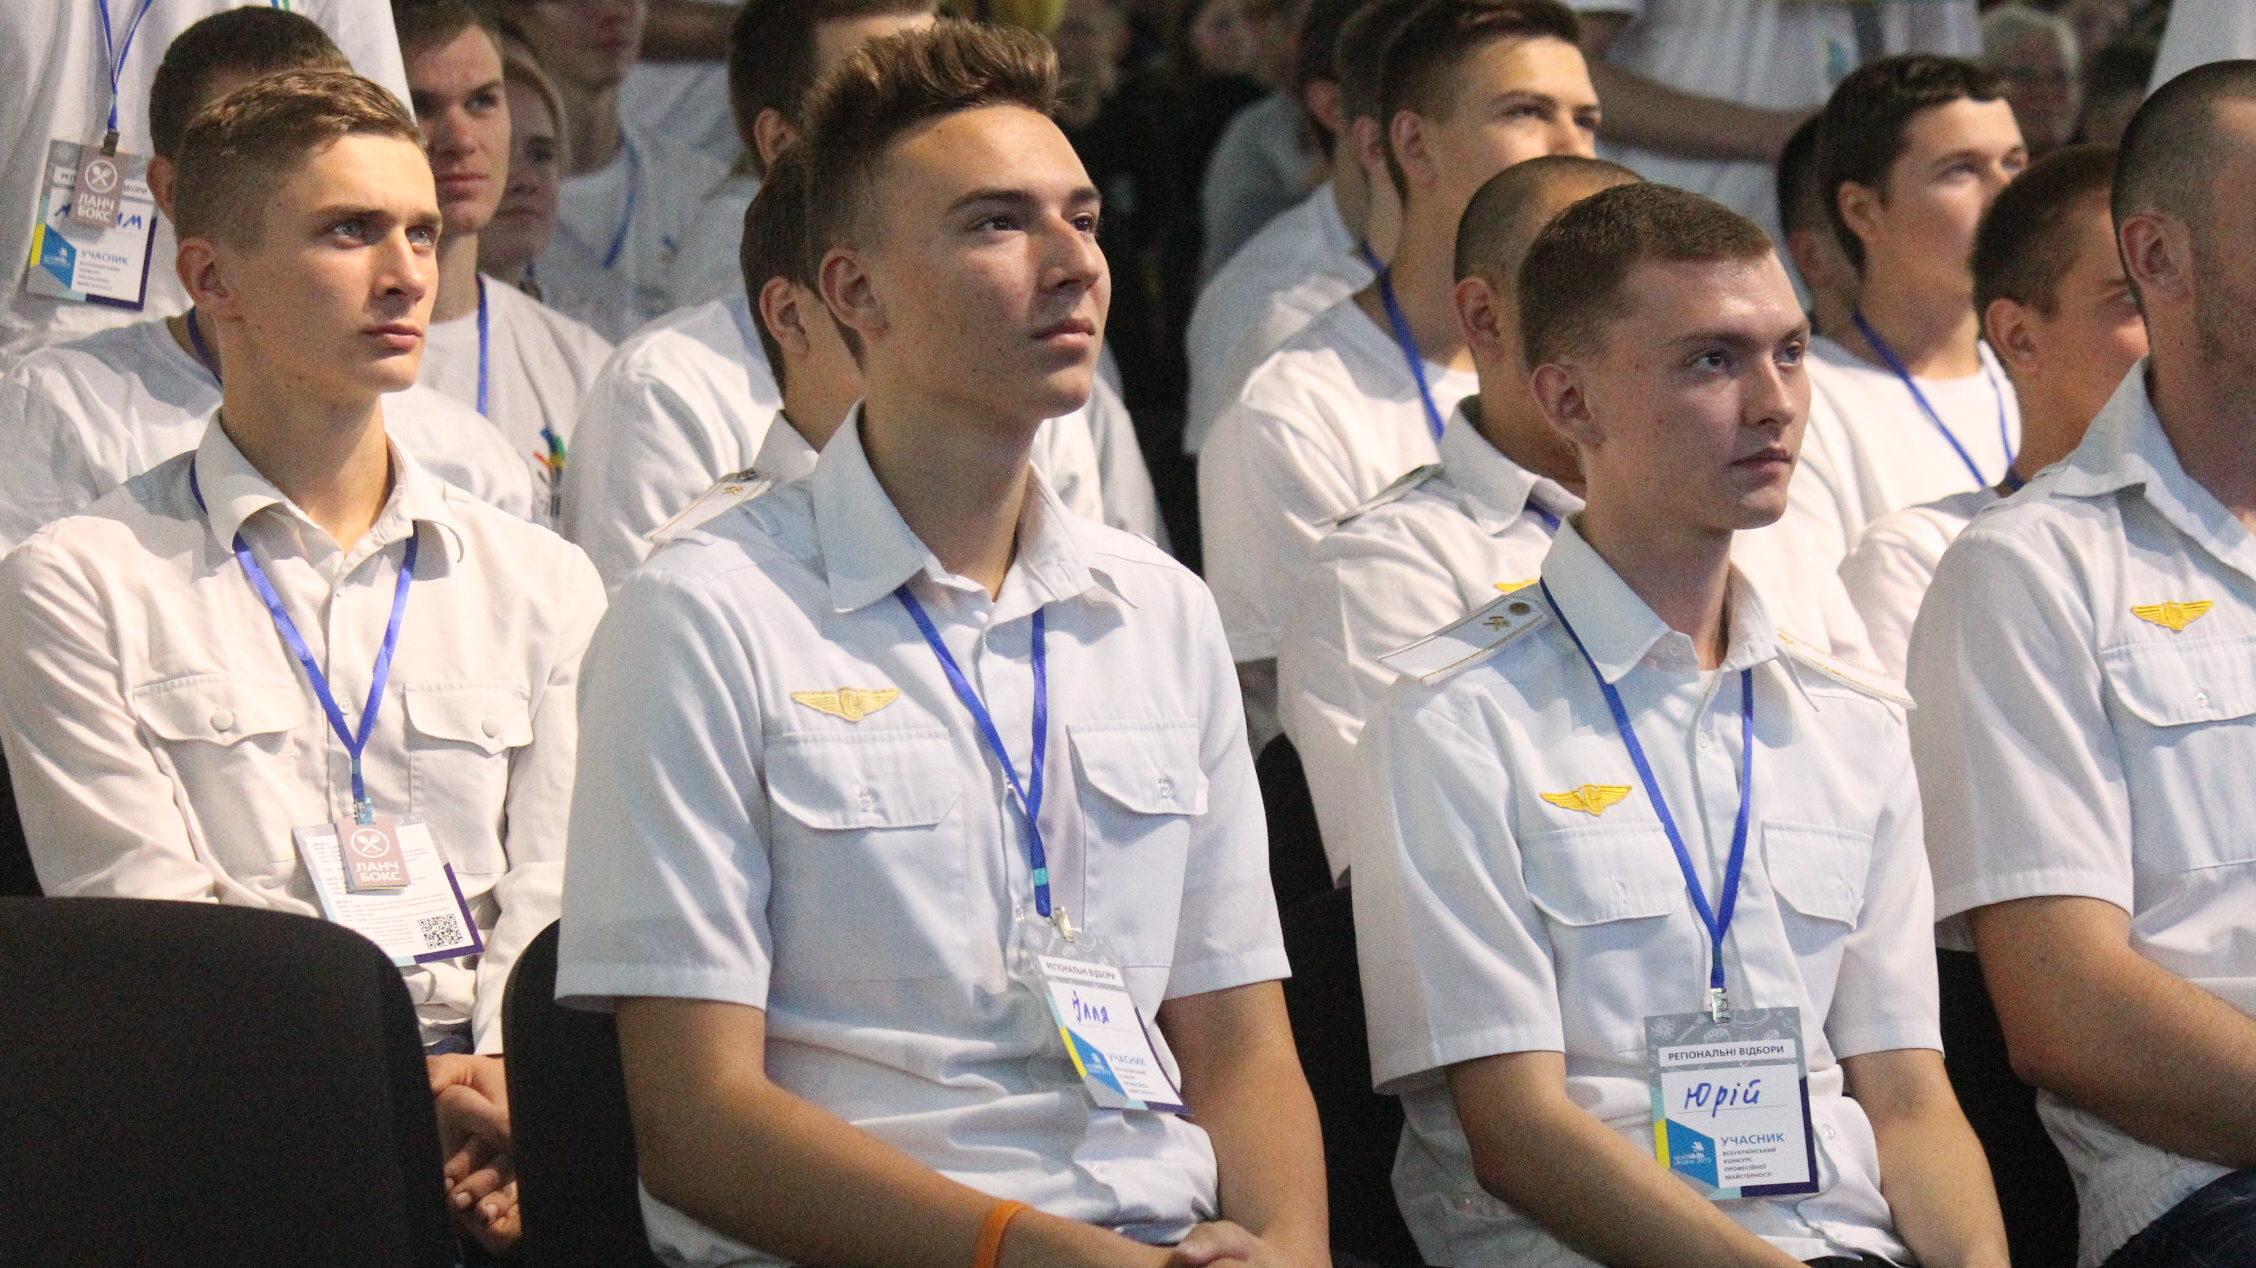 В Запорожье стартовал конкурс профессионального мастерства World Skills Ukraine, – ФОТОРЕПОРТАЖ